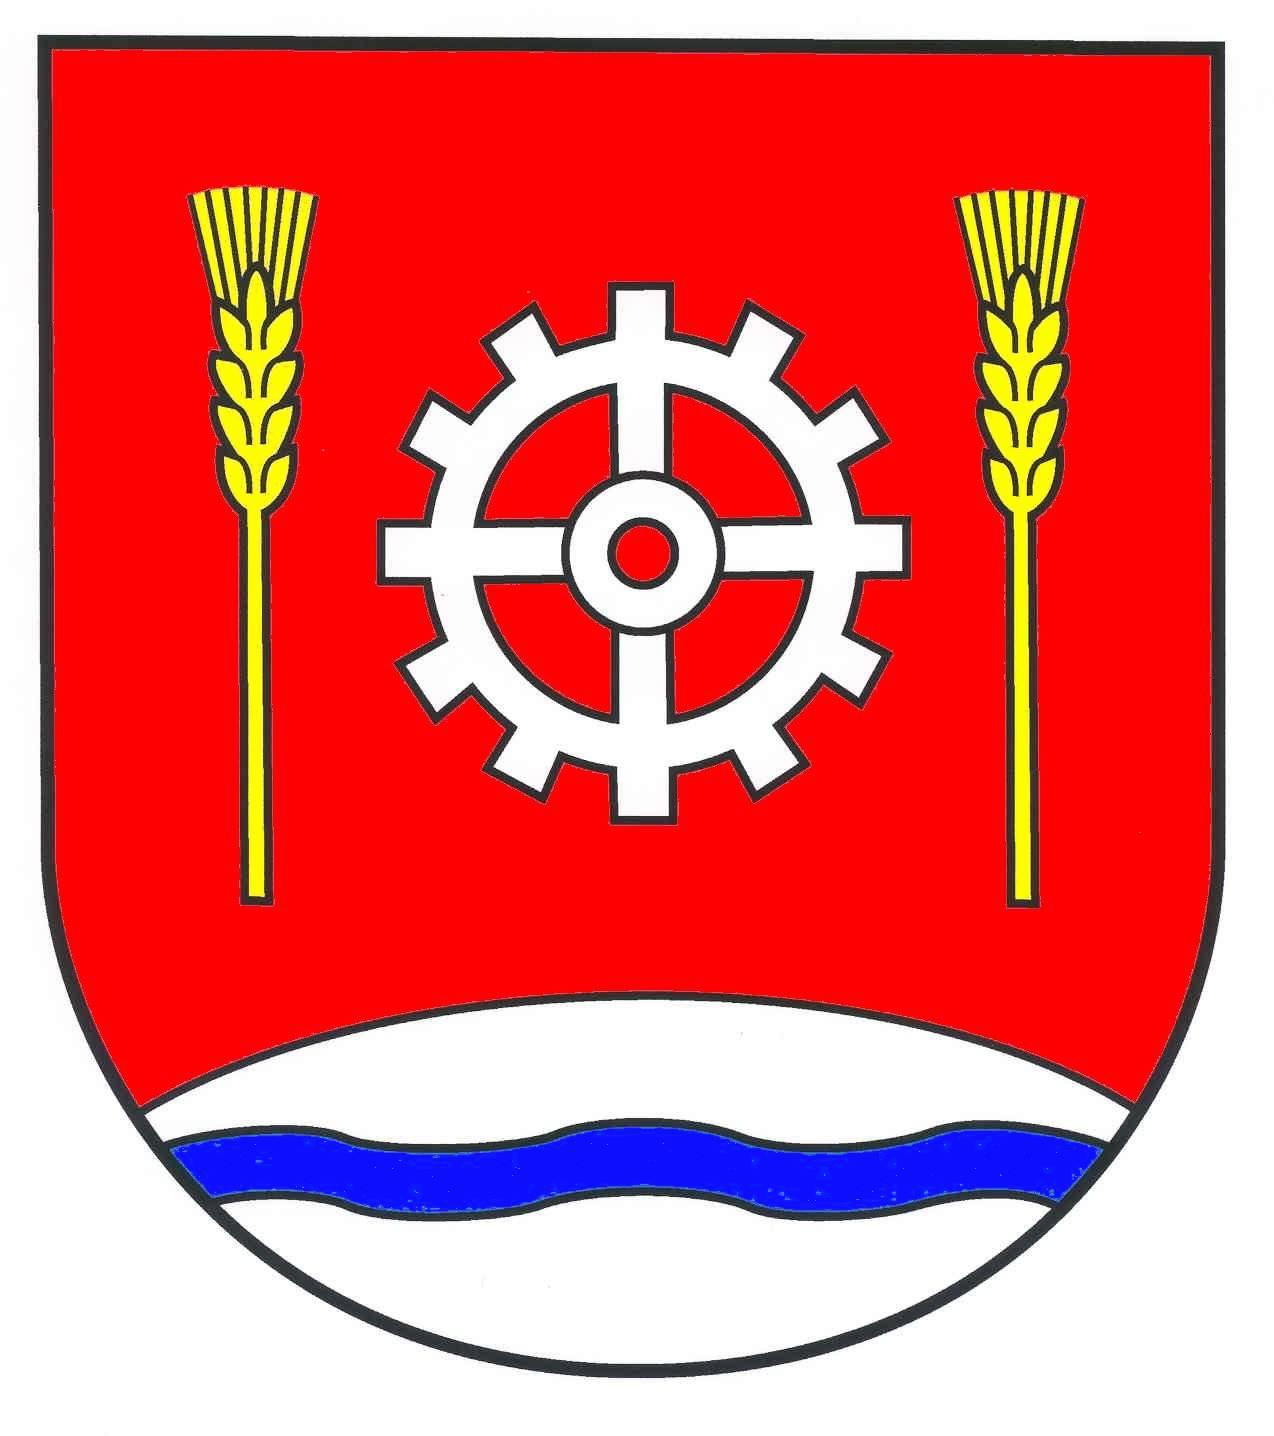 Wappen GemeindeDägeling, Kreis Steinburg